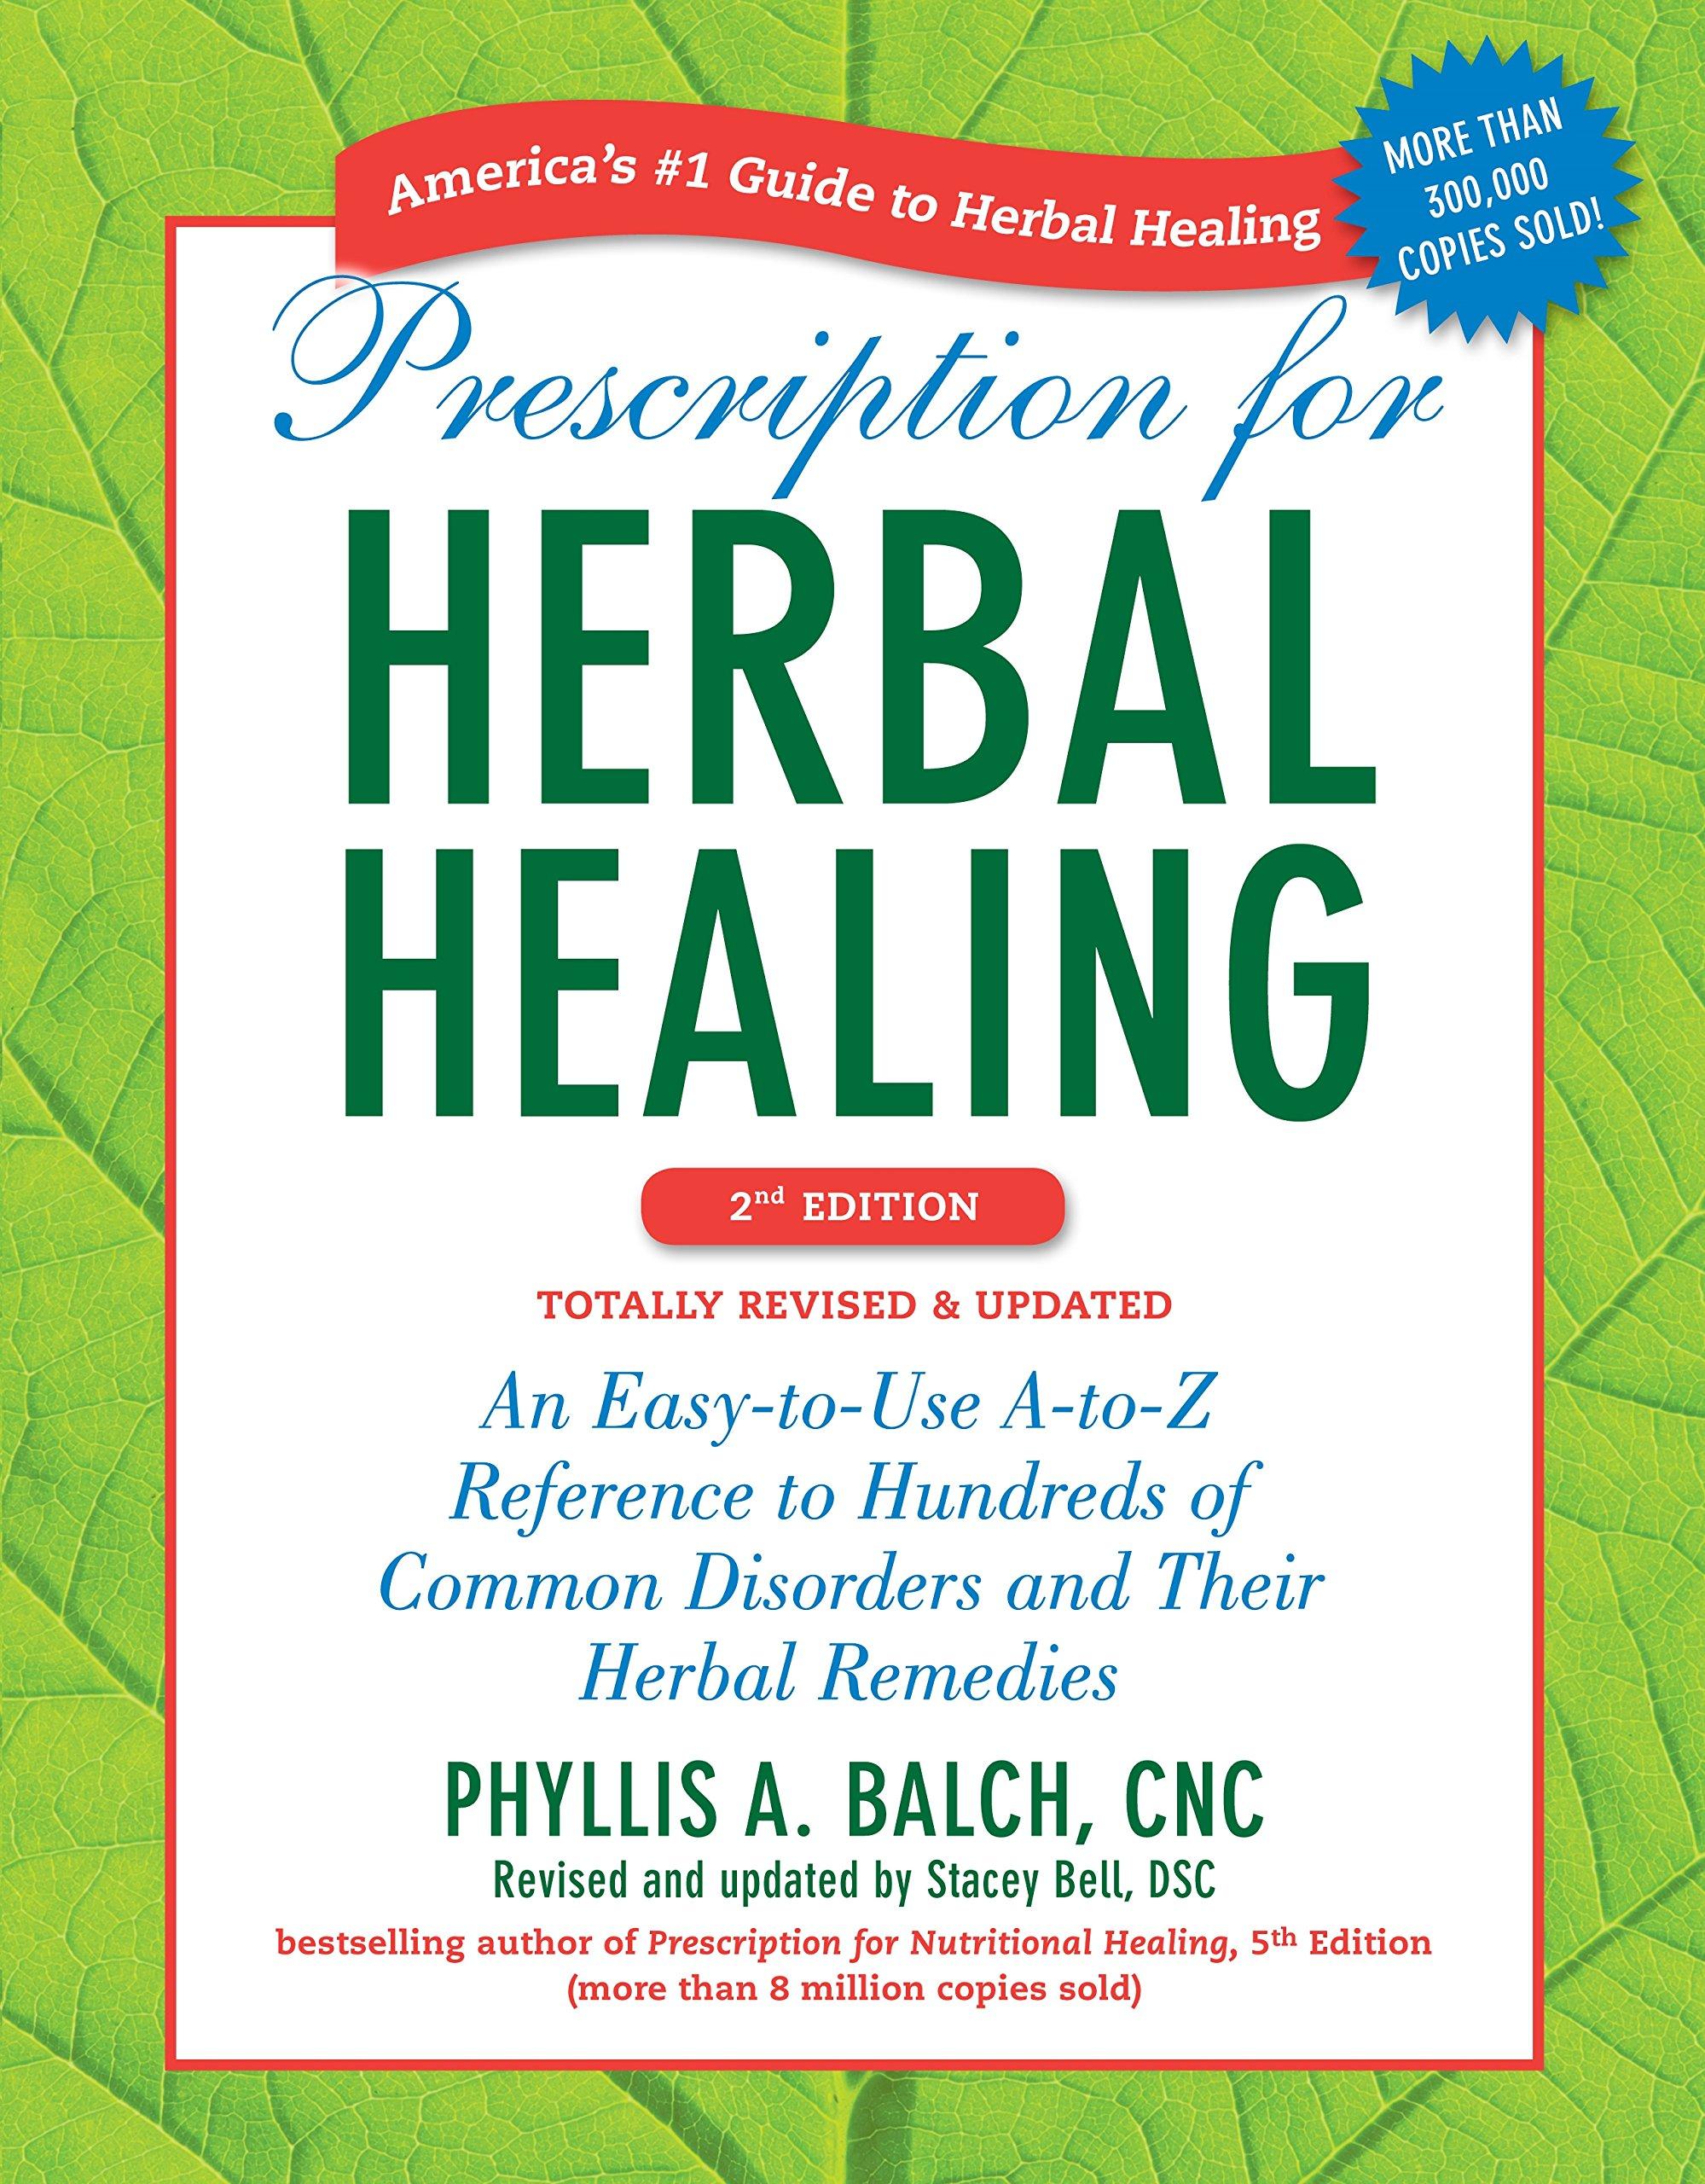 prescription for herbal healing.jpg